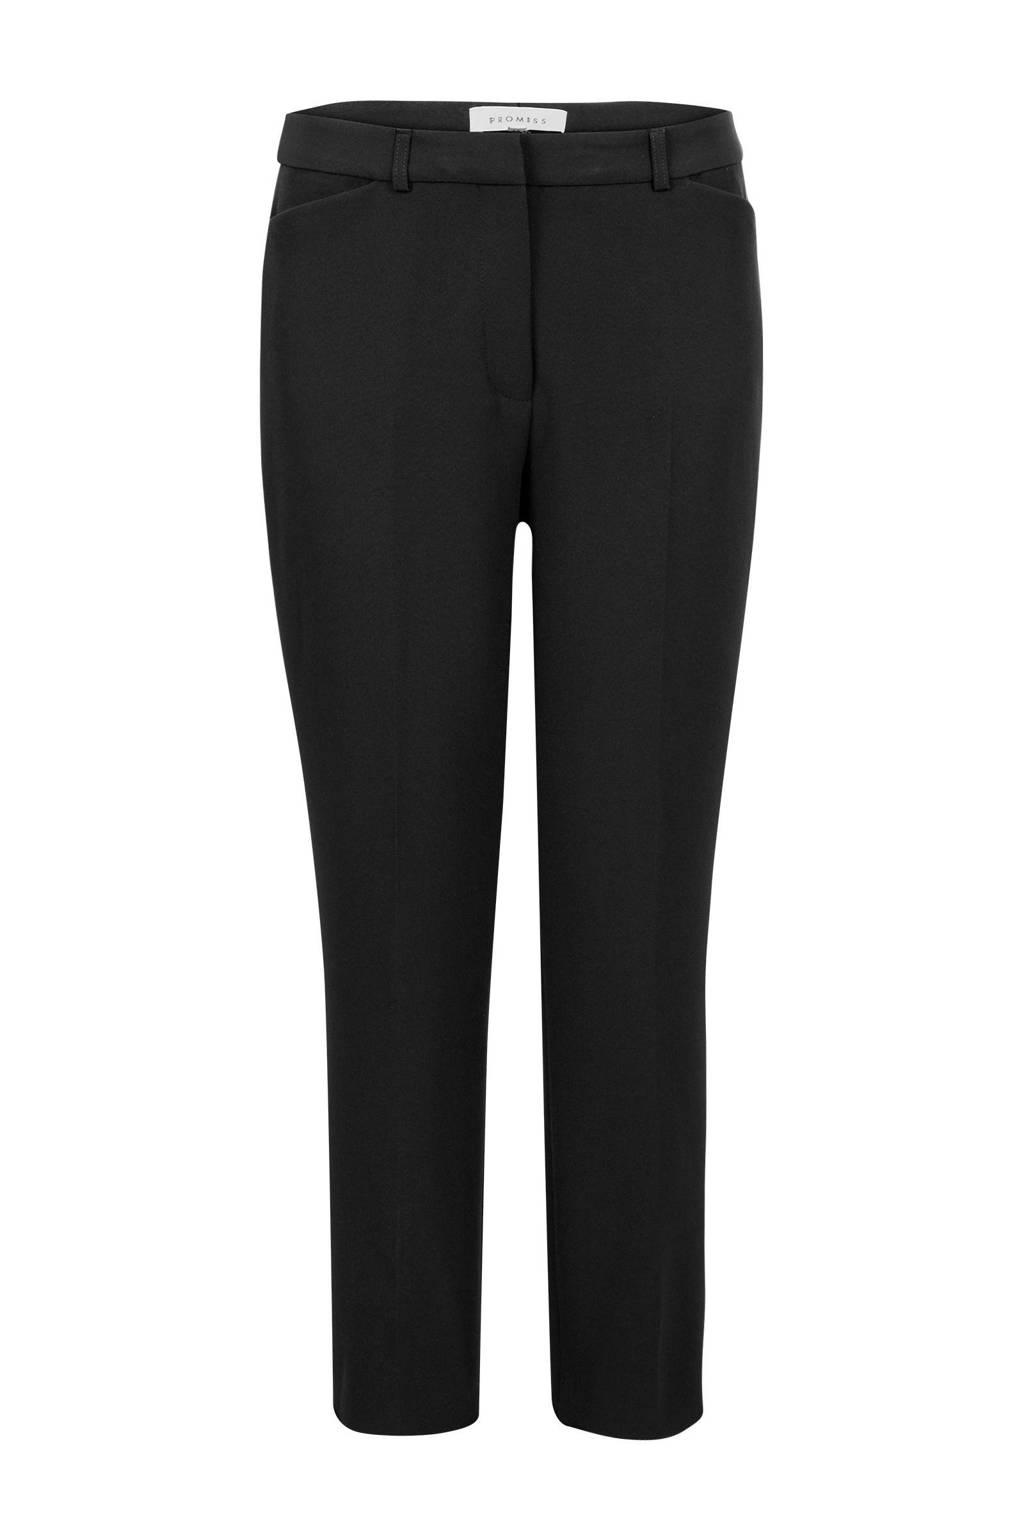 PROMISS straight fit pantalon zwart, Zwart